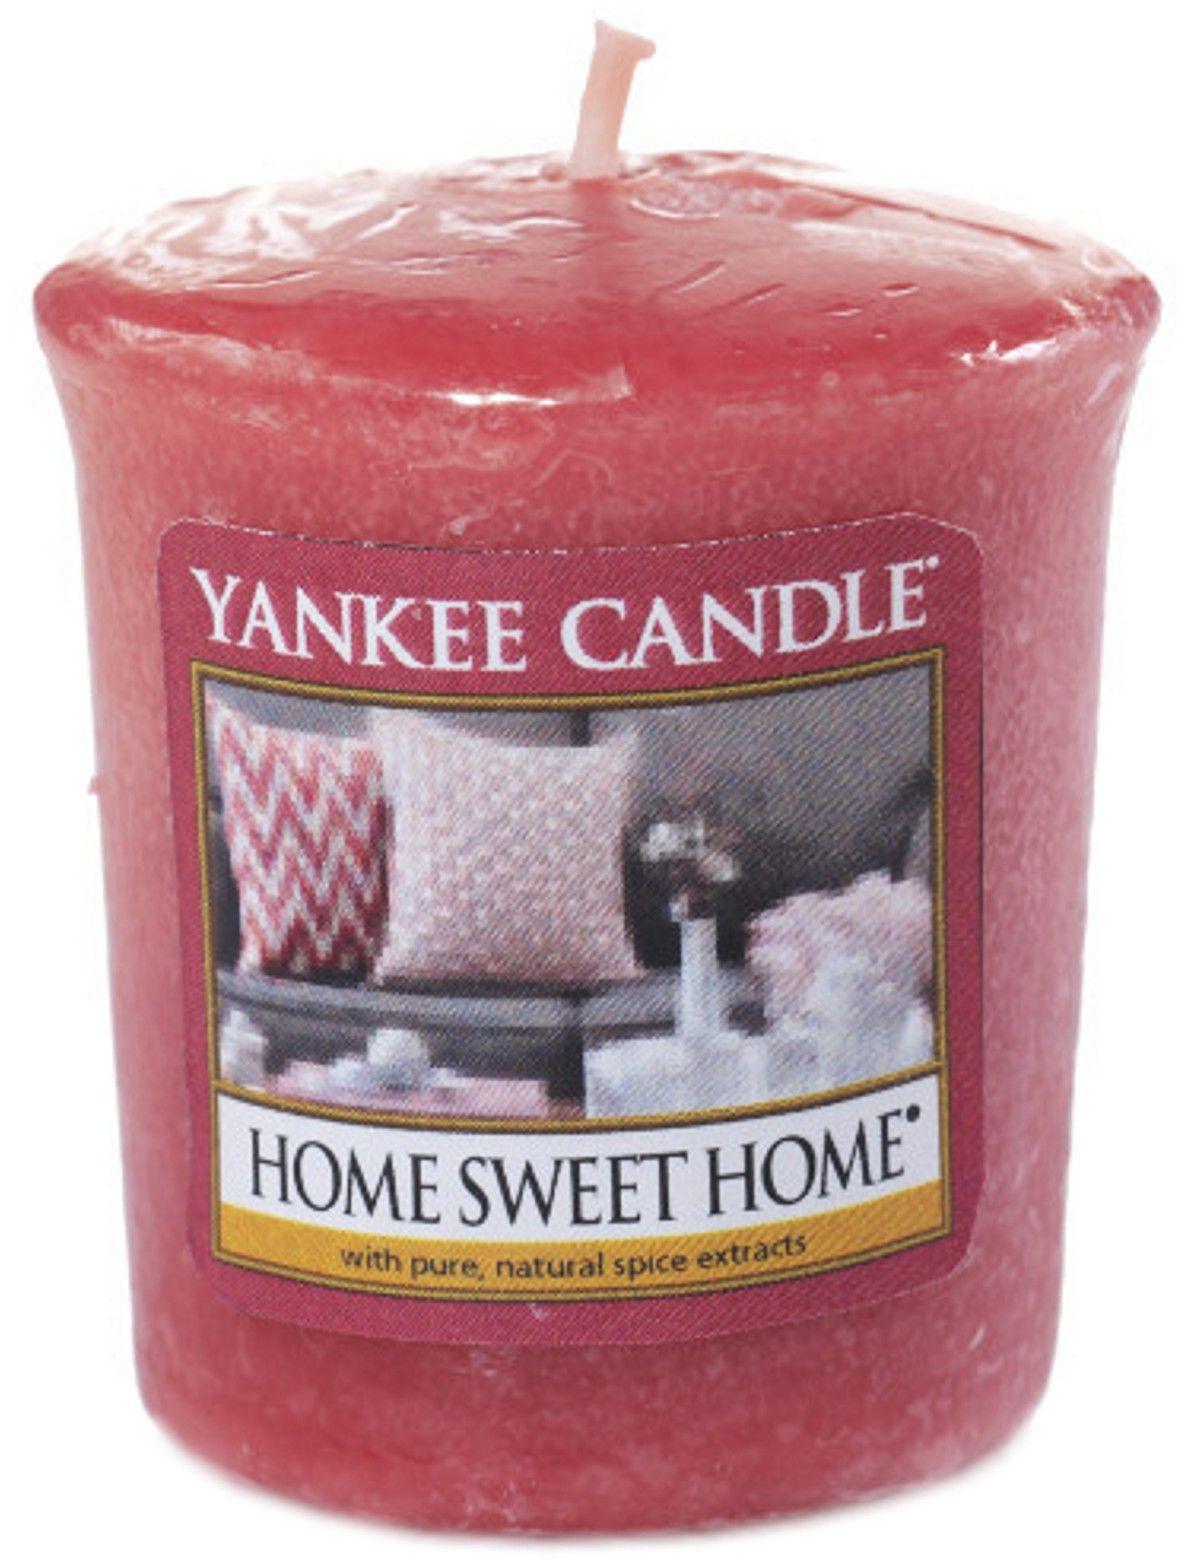 Home Sweet Home sampler